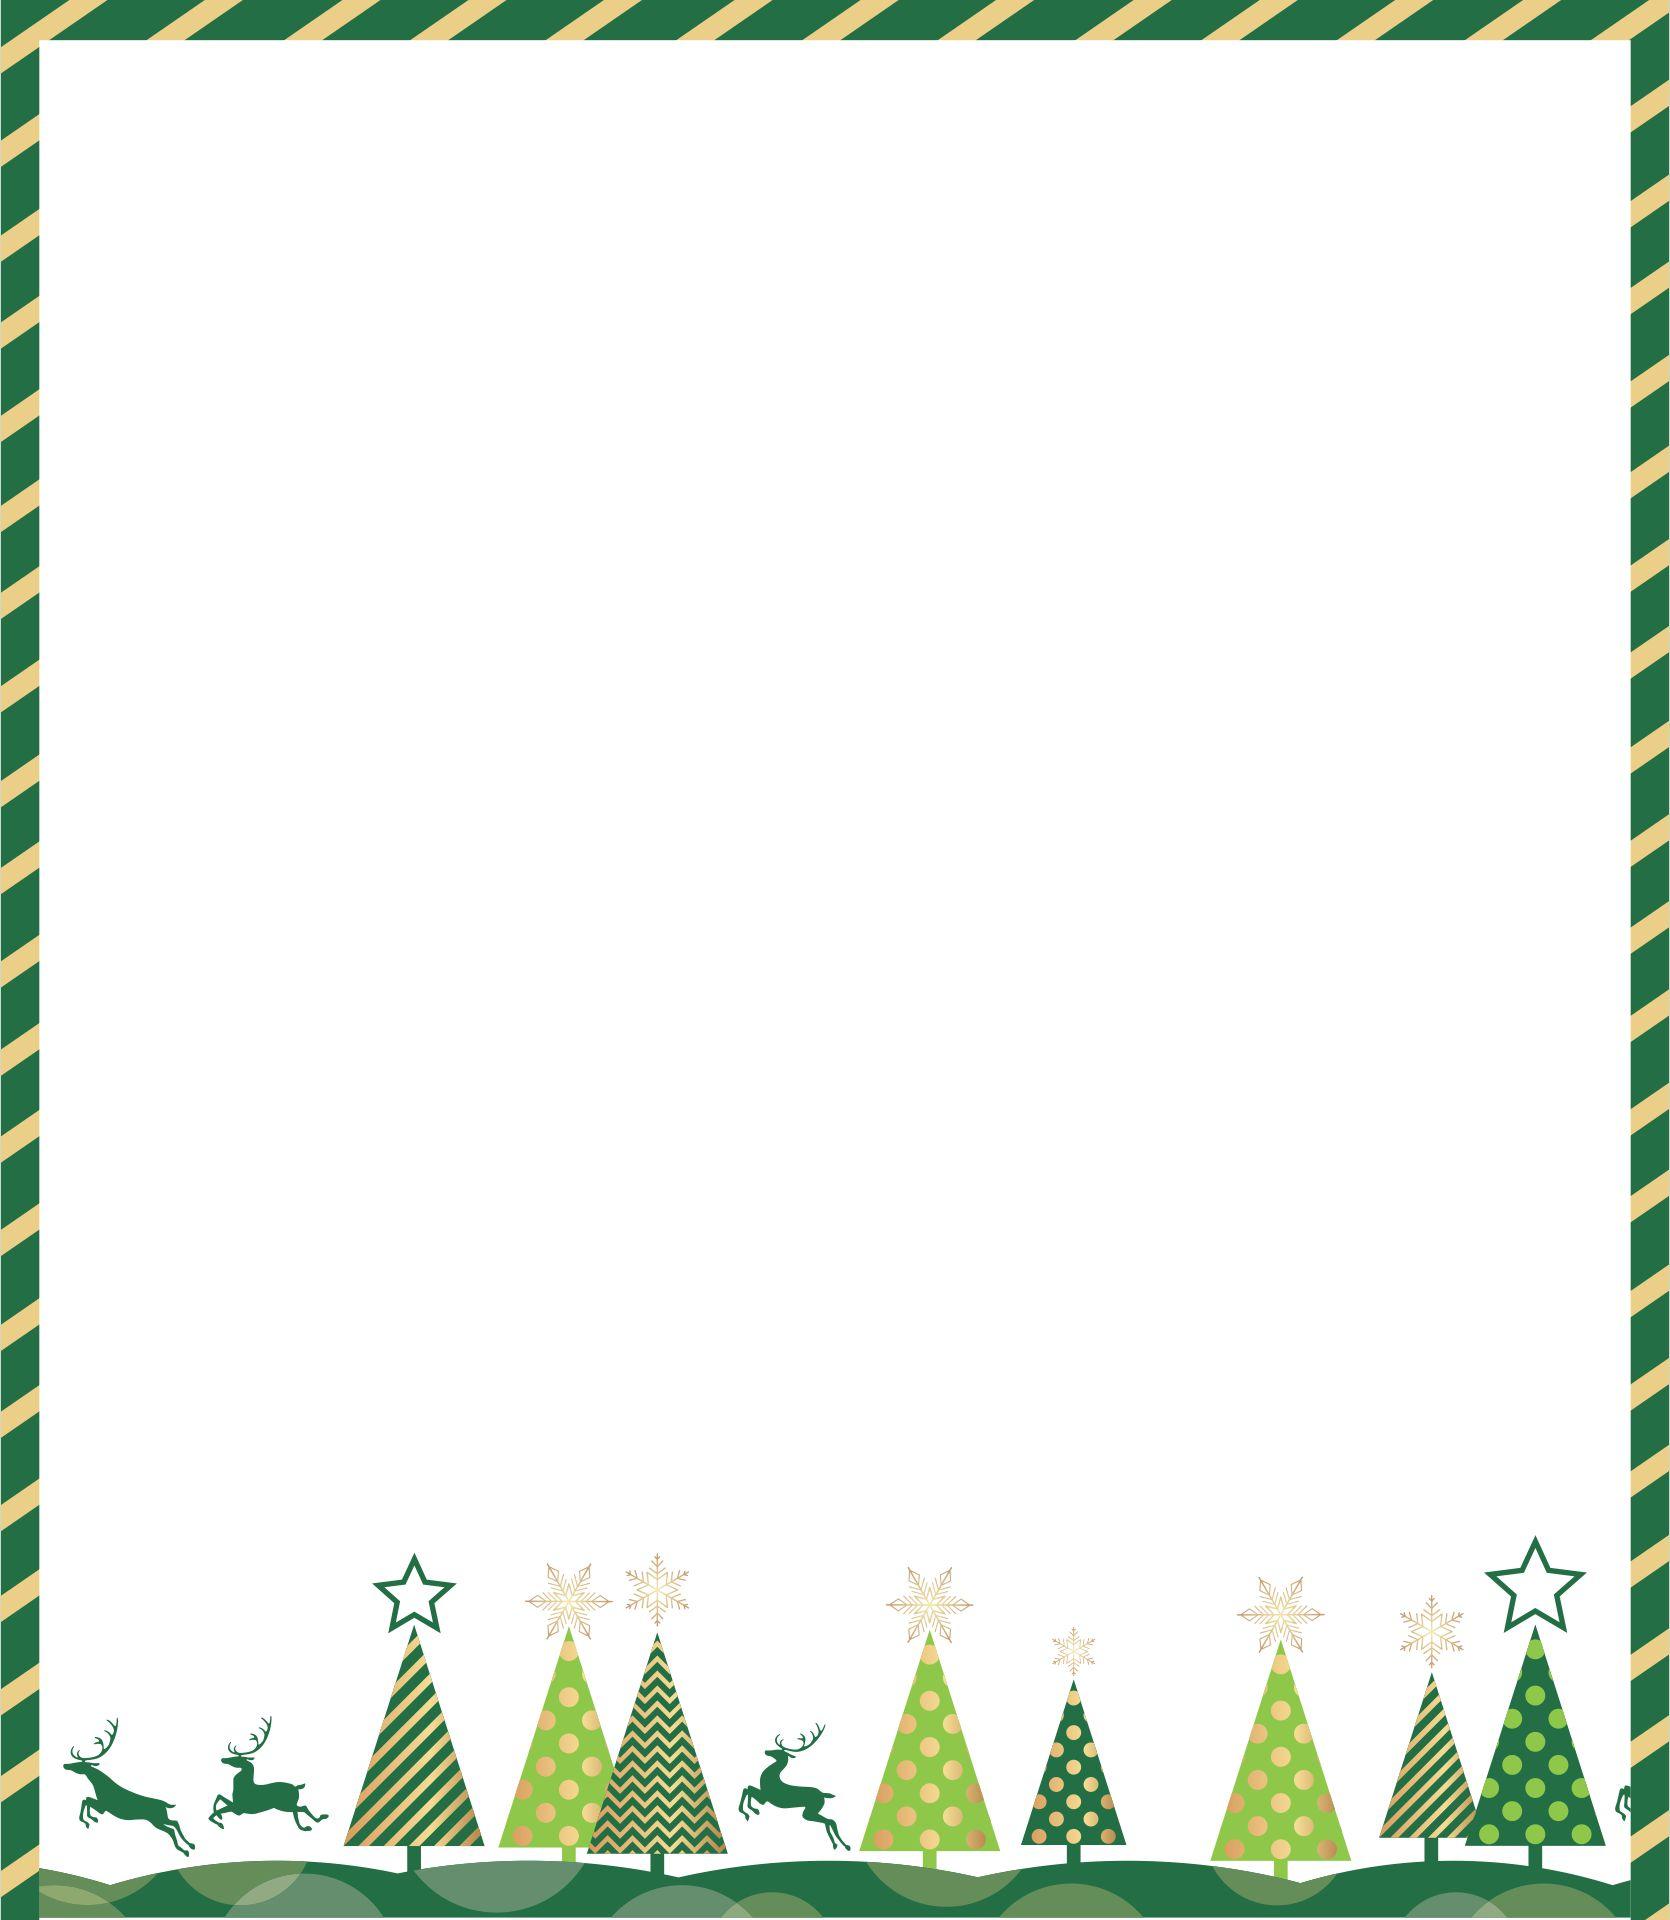 Printable Christmas Borders For Flyers